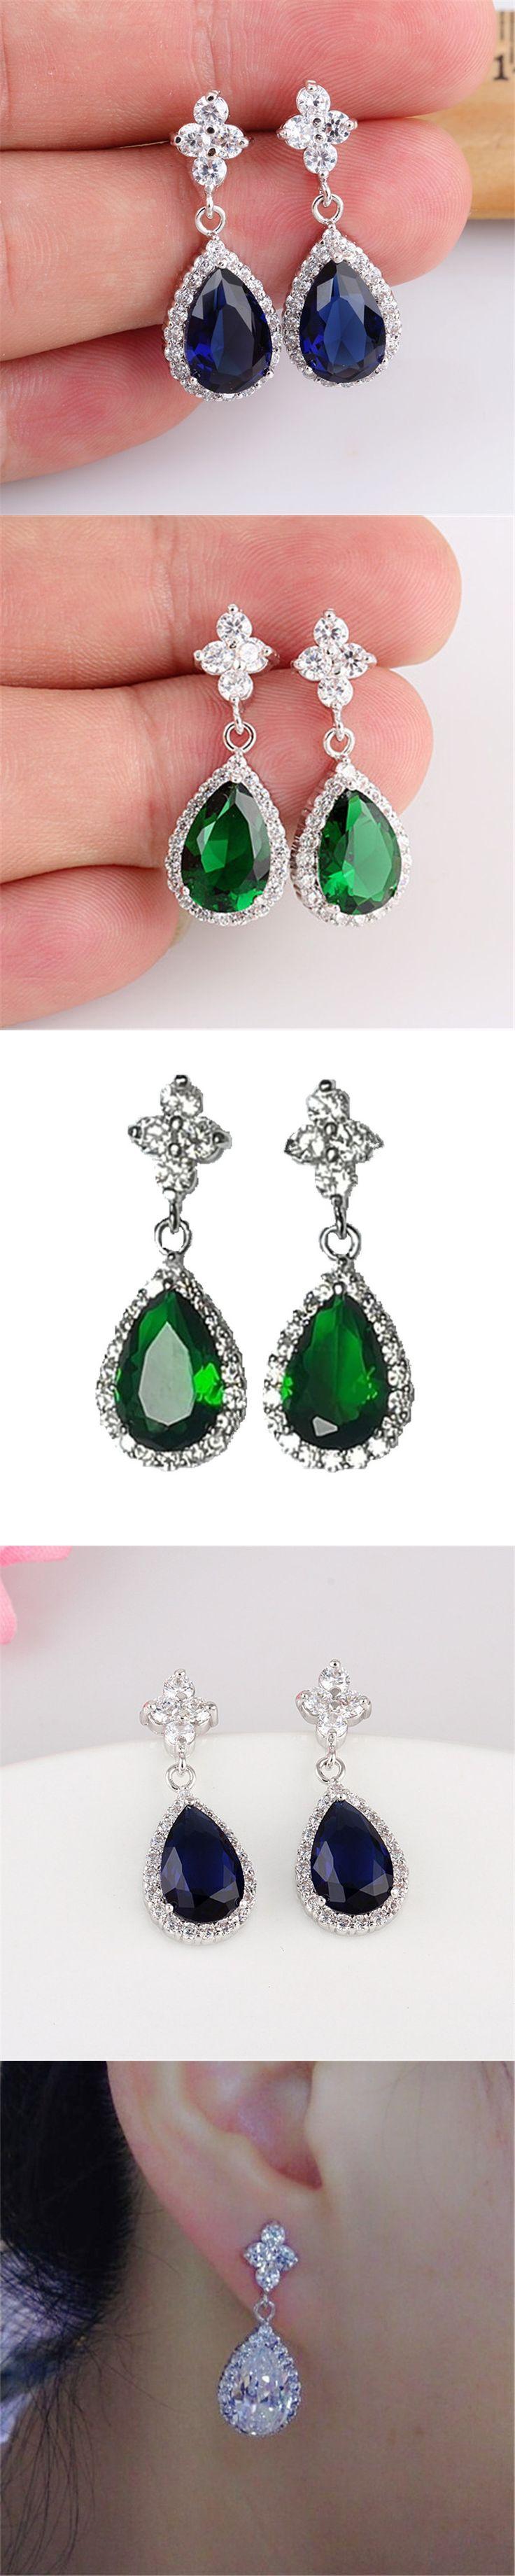 RONGQING Copper Zircon Earrings Nickel Free 925 Silver Soft Stud Droplets Zircon Earring for Women Wedding Jewelry